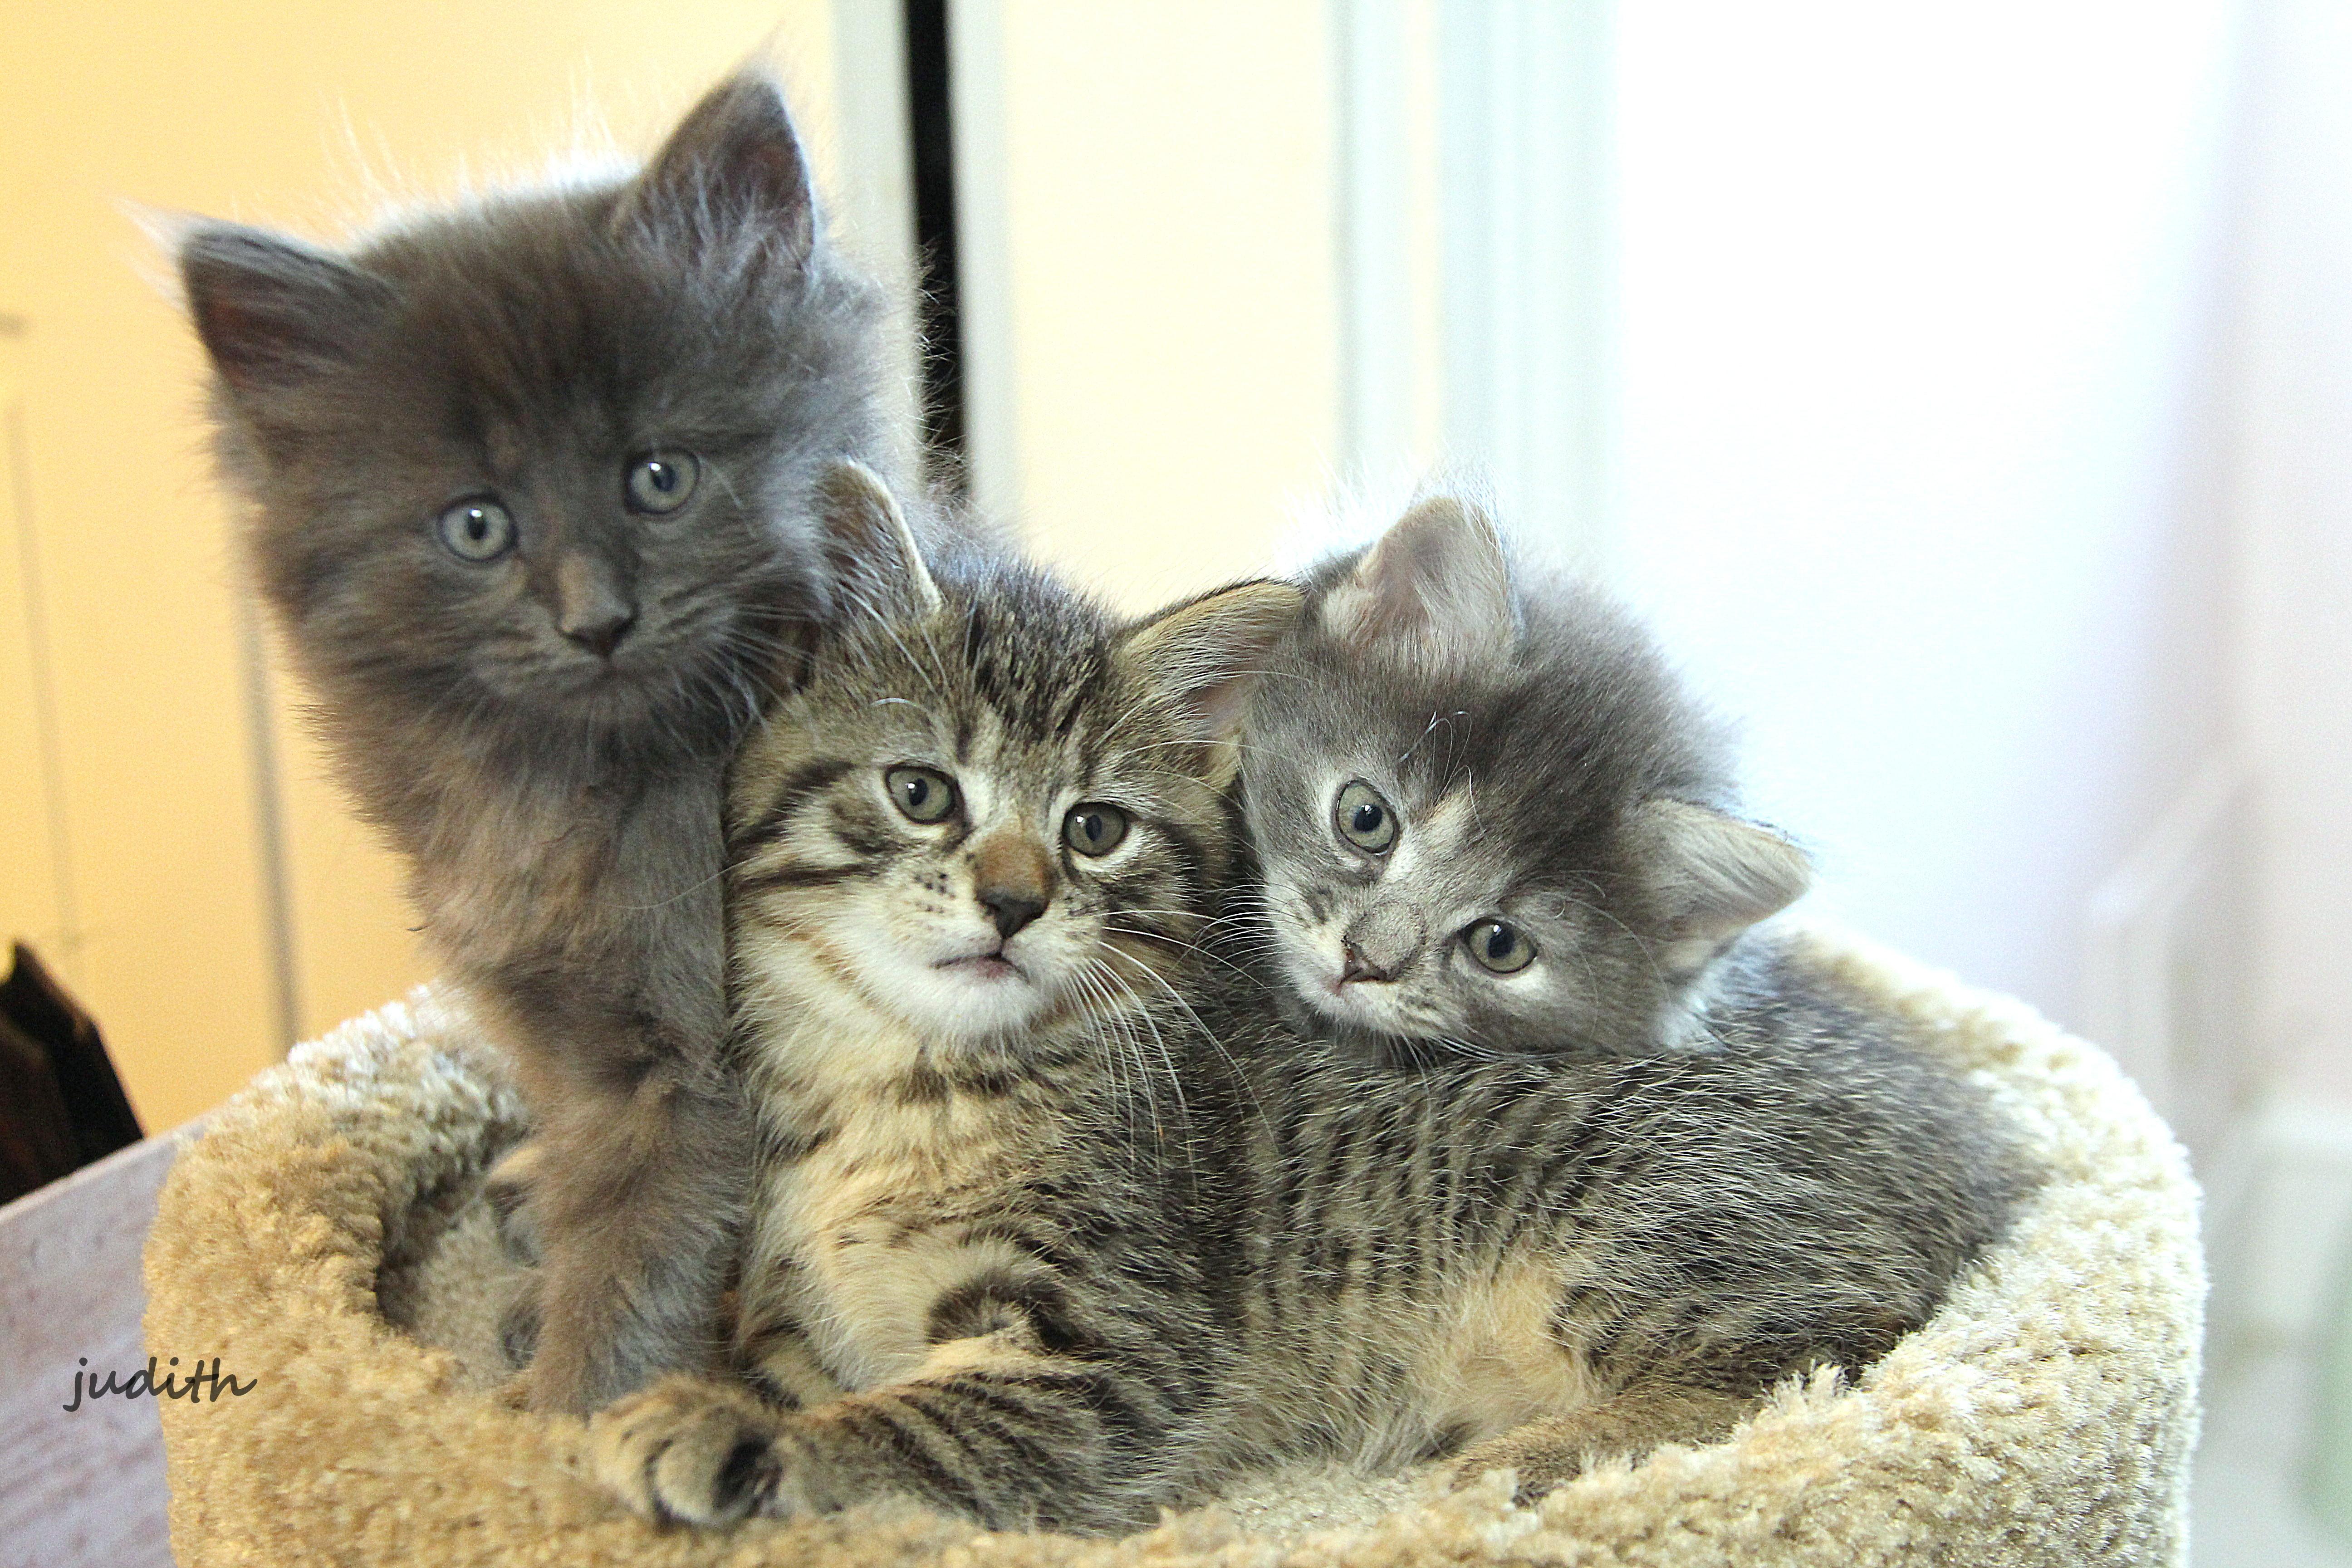 cats kittens felines longhairedgreykitten browntabby longhaireddilutedtortiseshellkitten fuzzy cute ozzie dora vinny